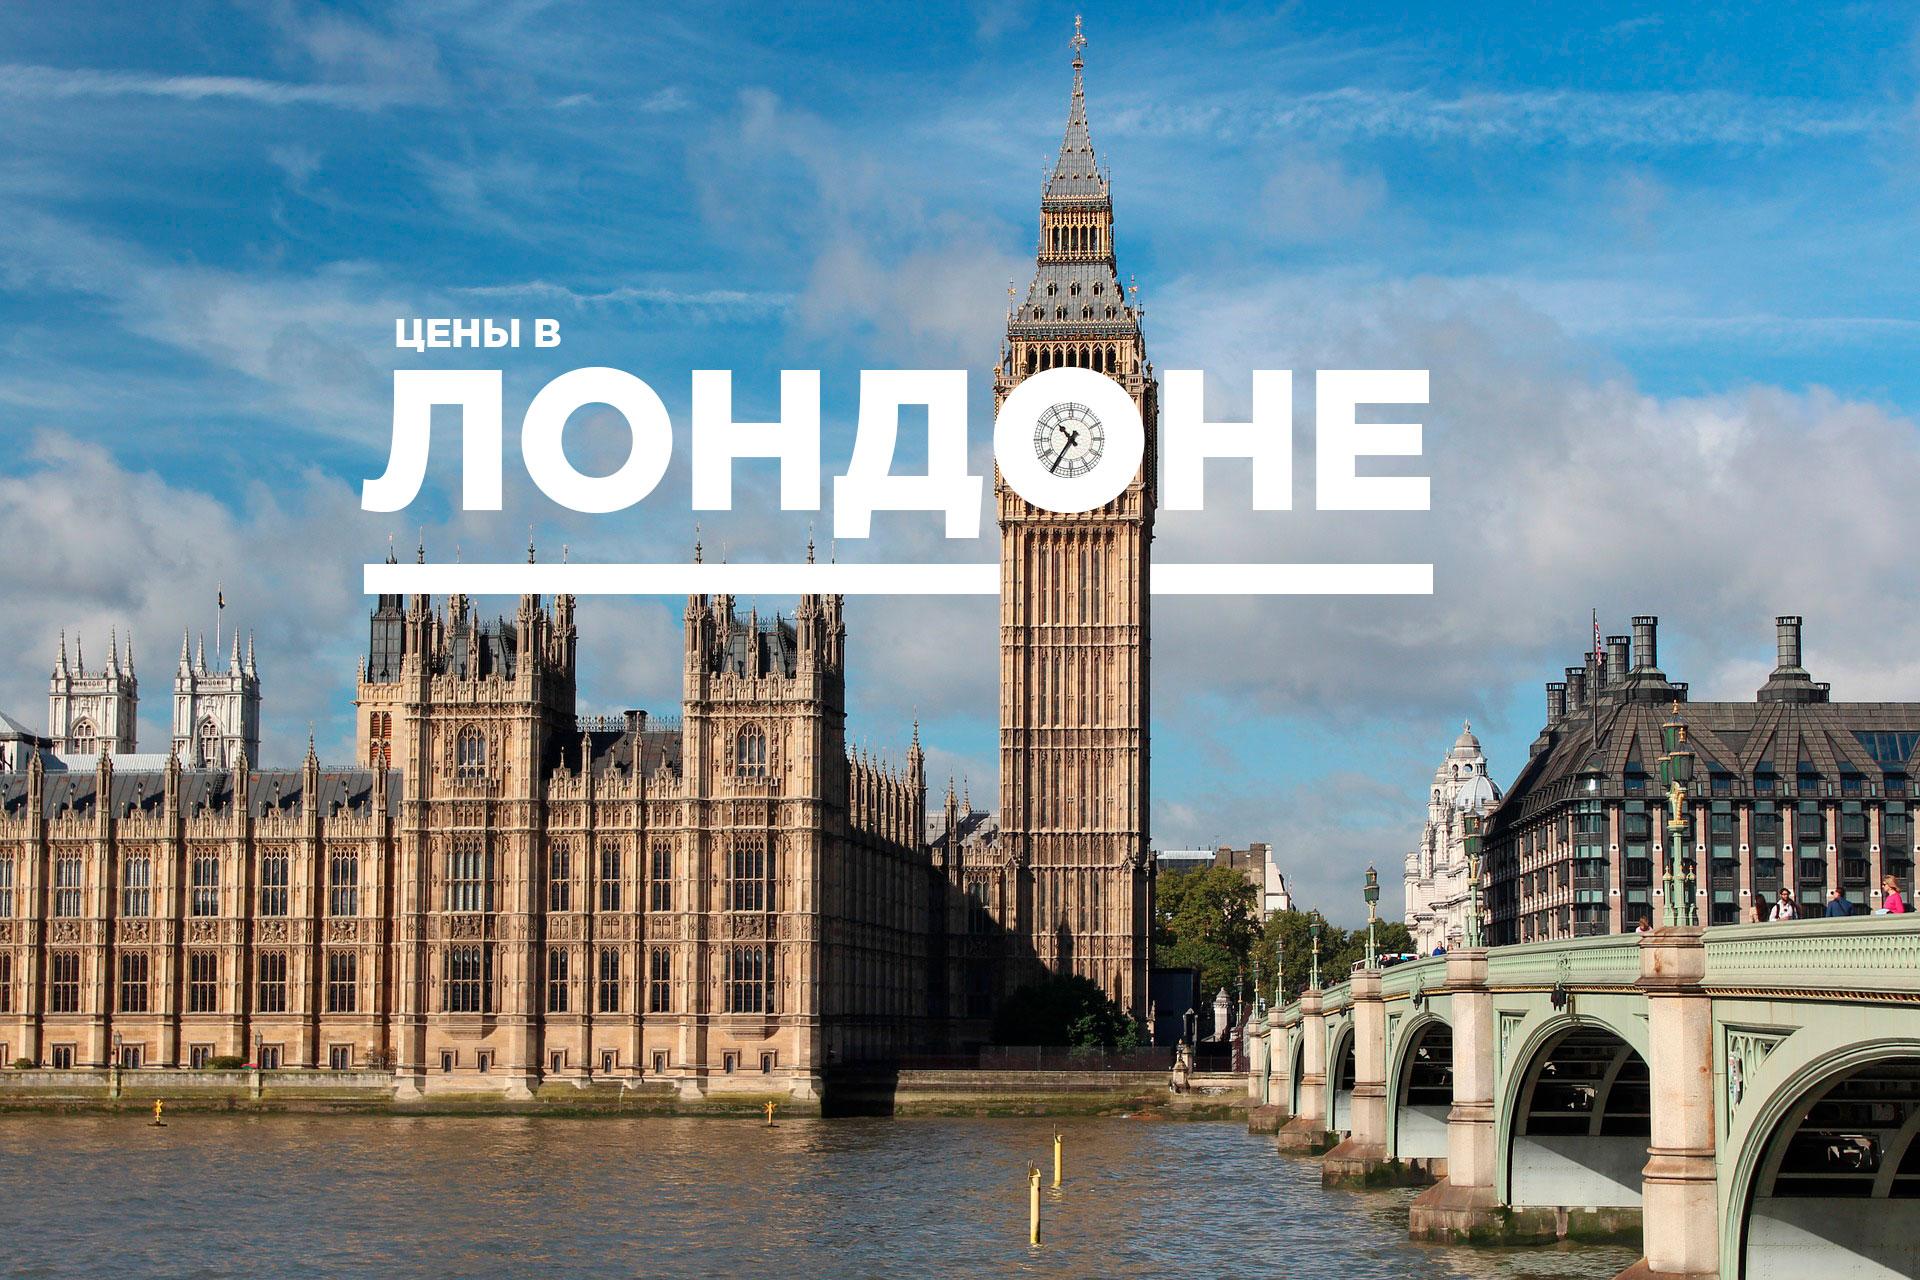 Цены в Лондоне, Великобритания на аренду жилья, транспорт и продукты